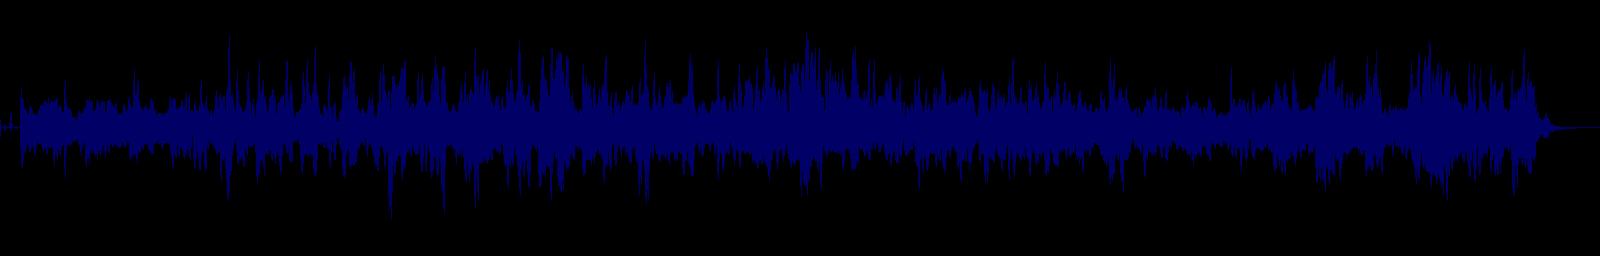 waveform of track #96925